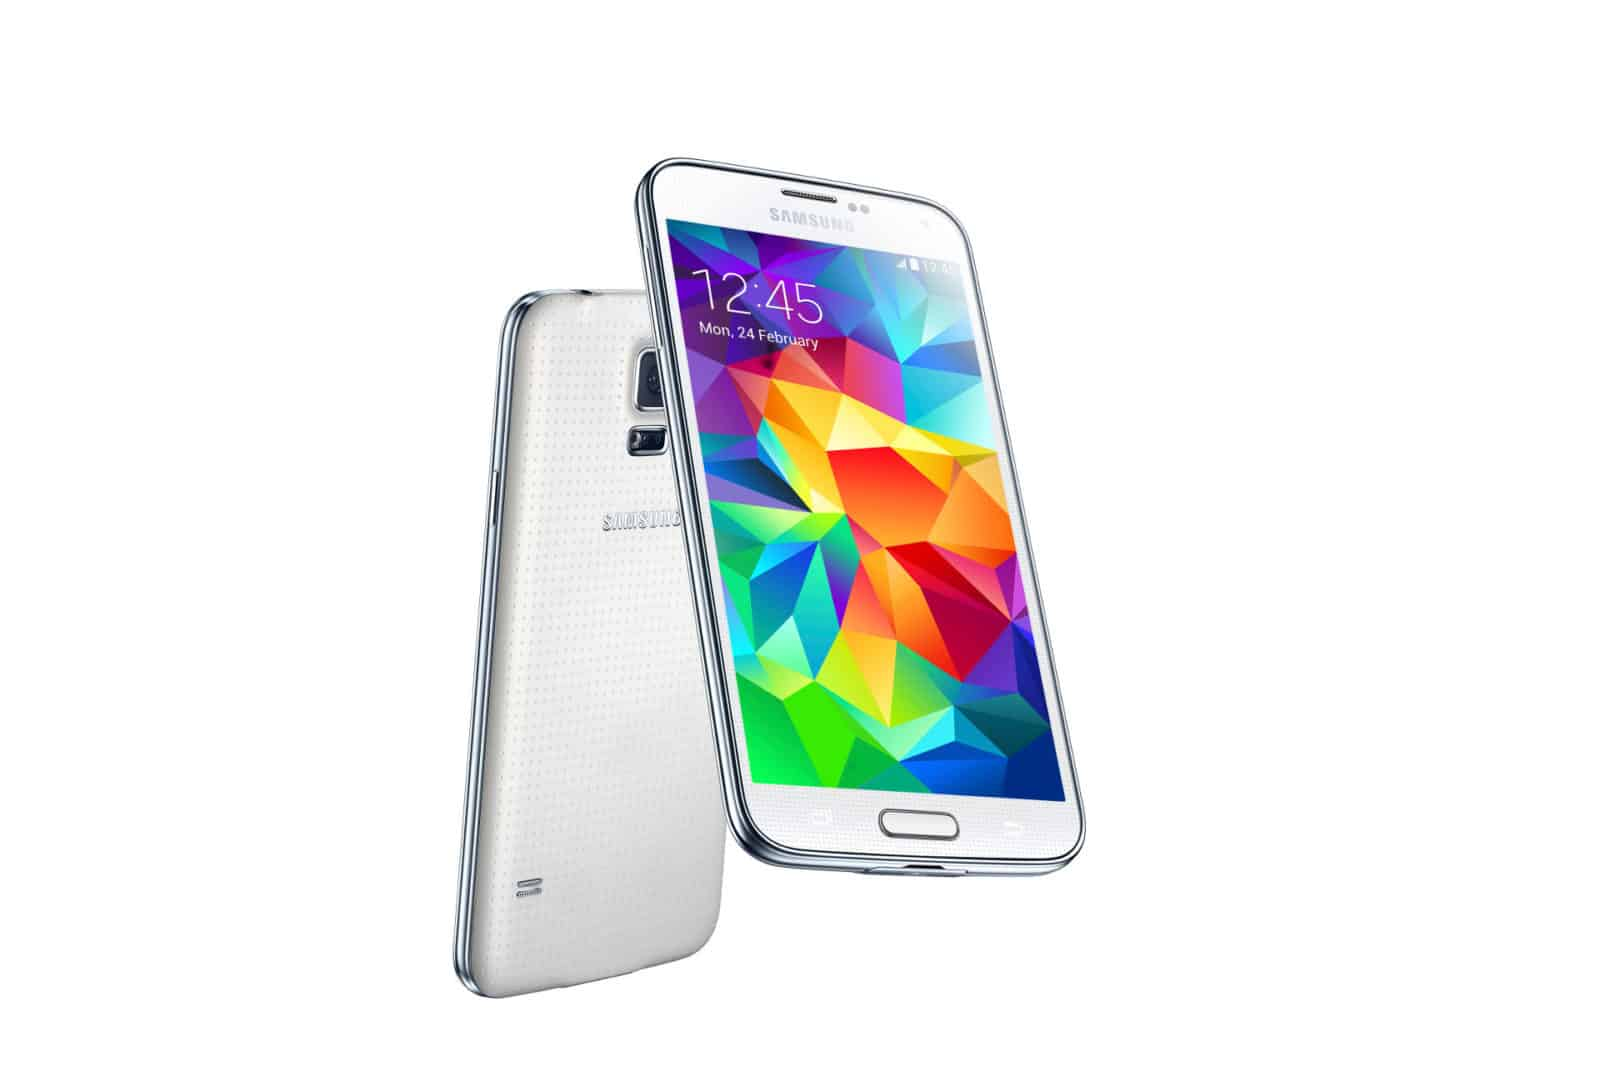 Samsung Galaxy S5 1920x1280